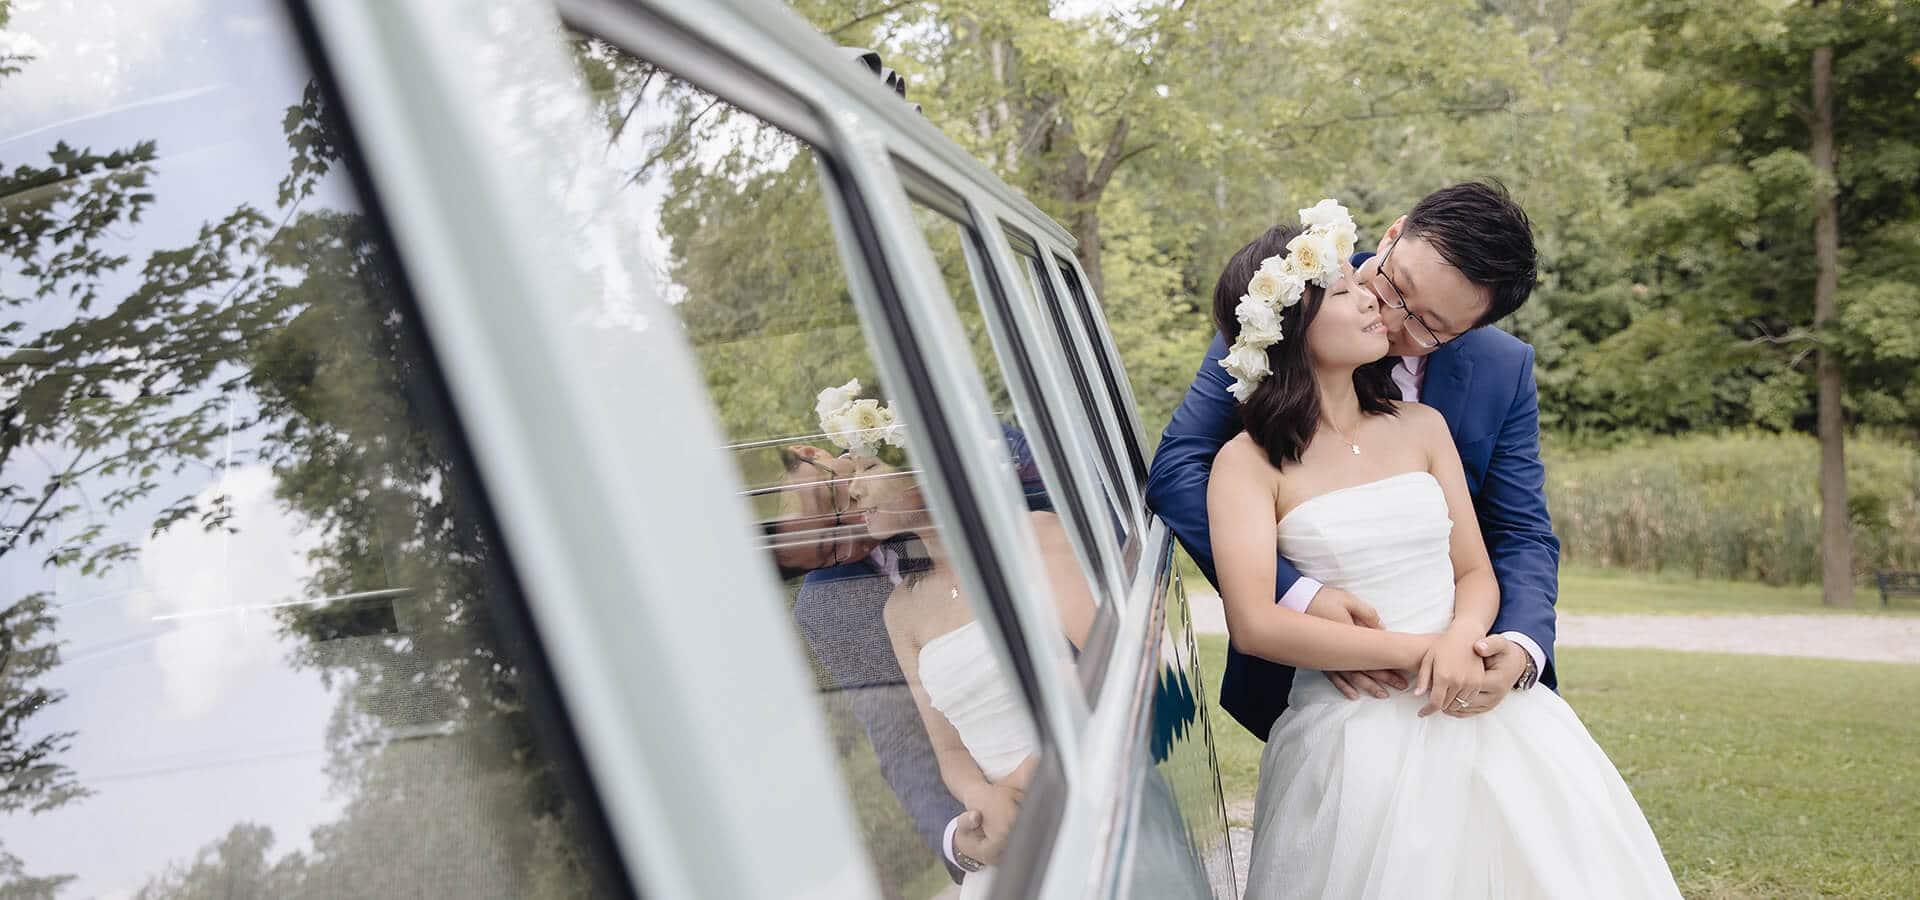 Hero image for Xintong and Bowen's Wedding at Cadogan Farm Estate